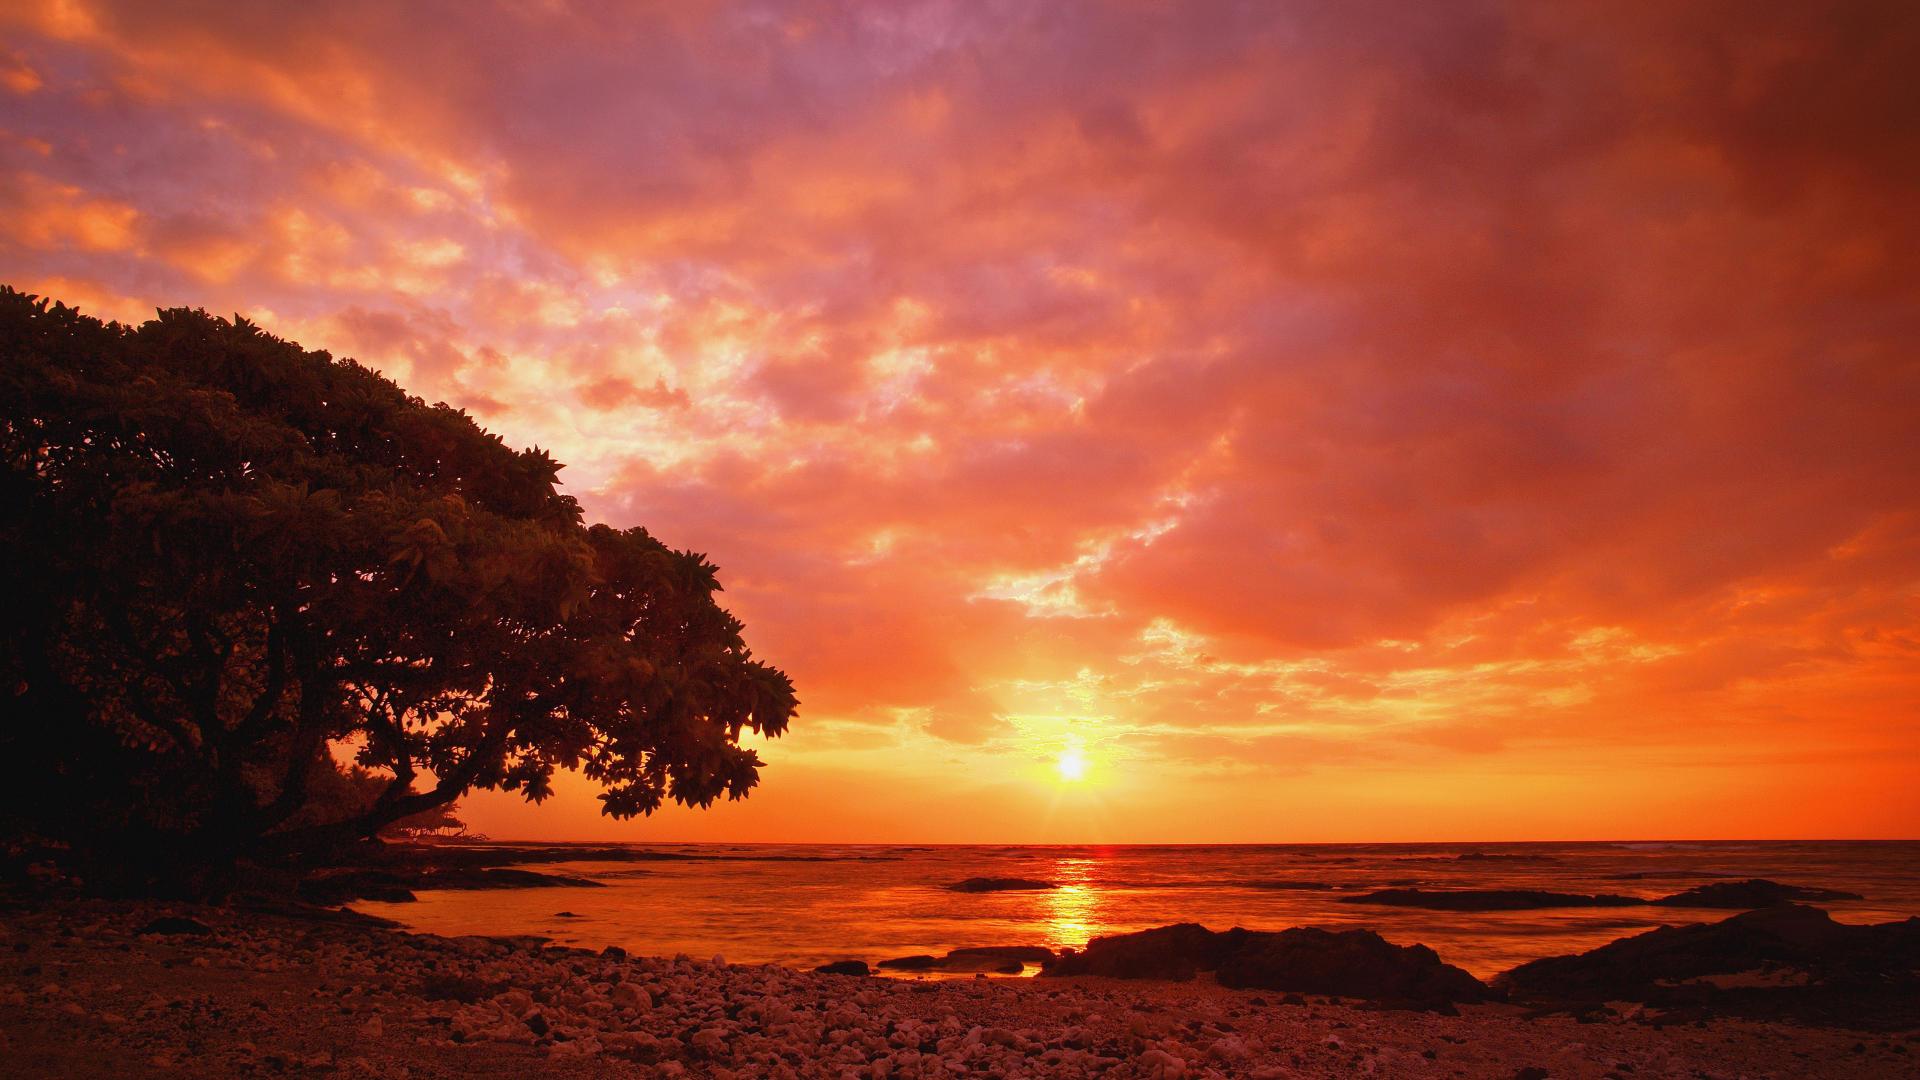 красочный закат над морем  № 1258710 бесплатно